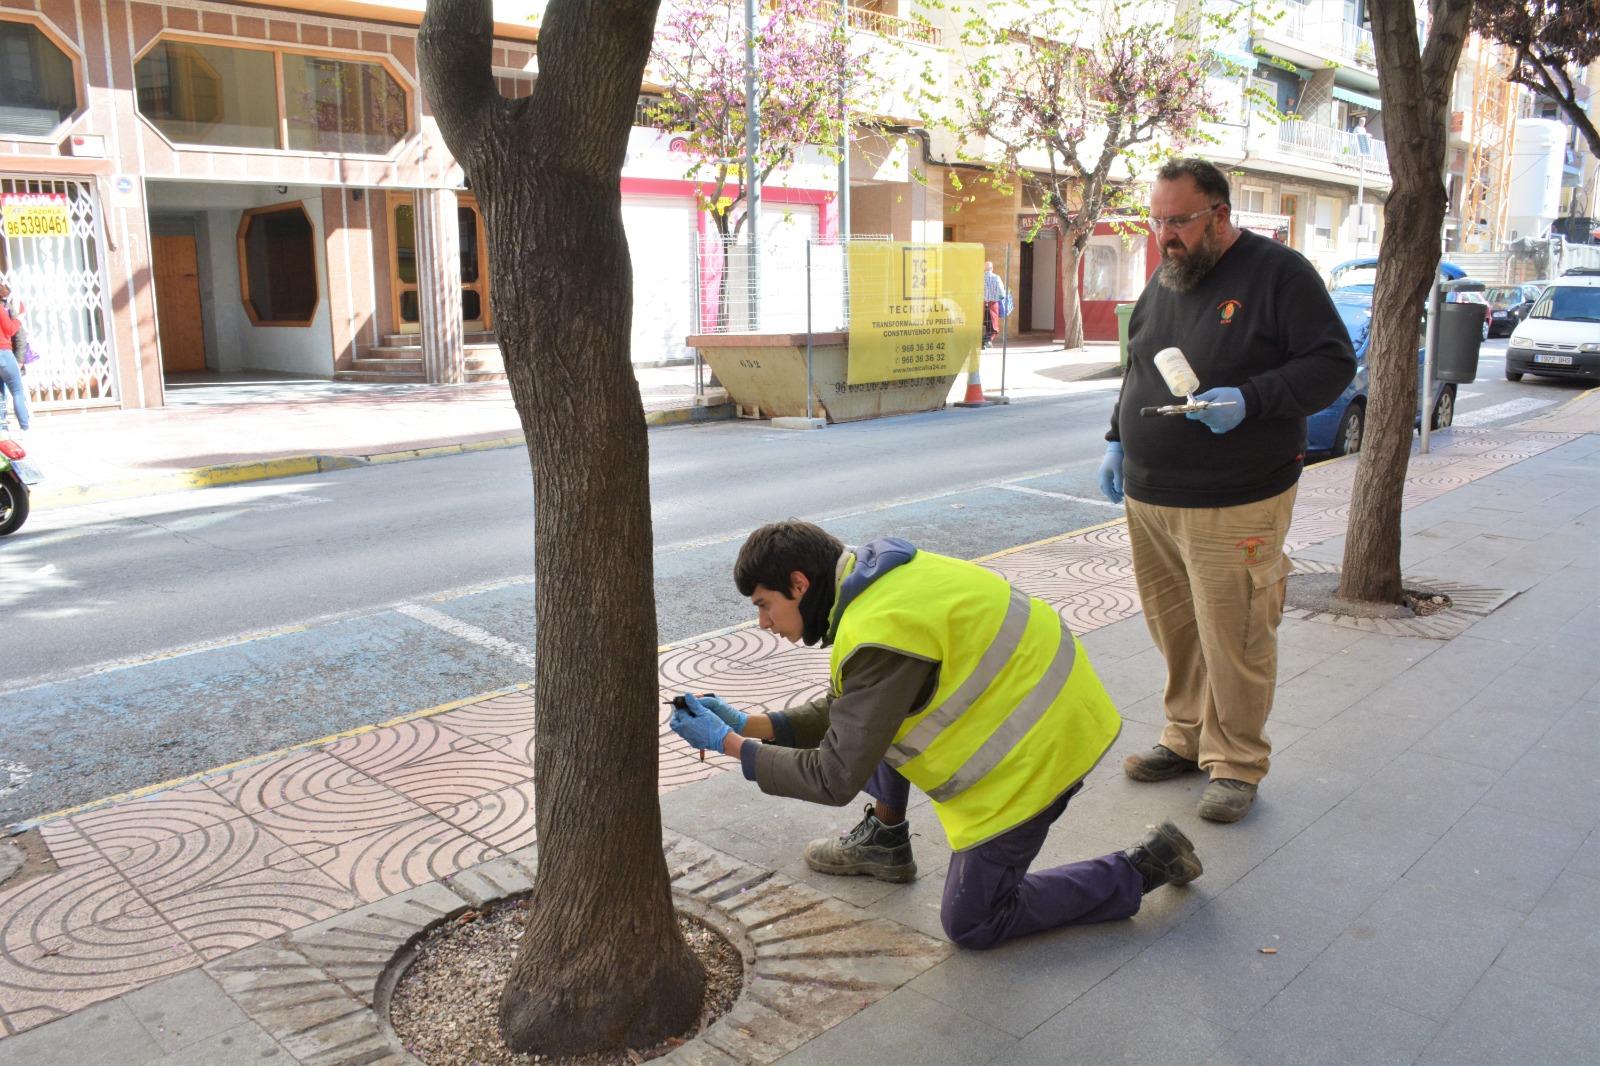 El Ayuntamiento de Elda inicia un nuevo tratamiento biológico para combatir la plaga que afecta al árbol del amor